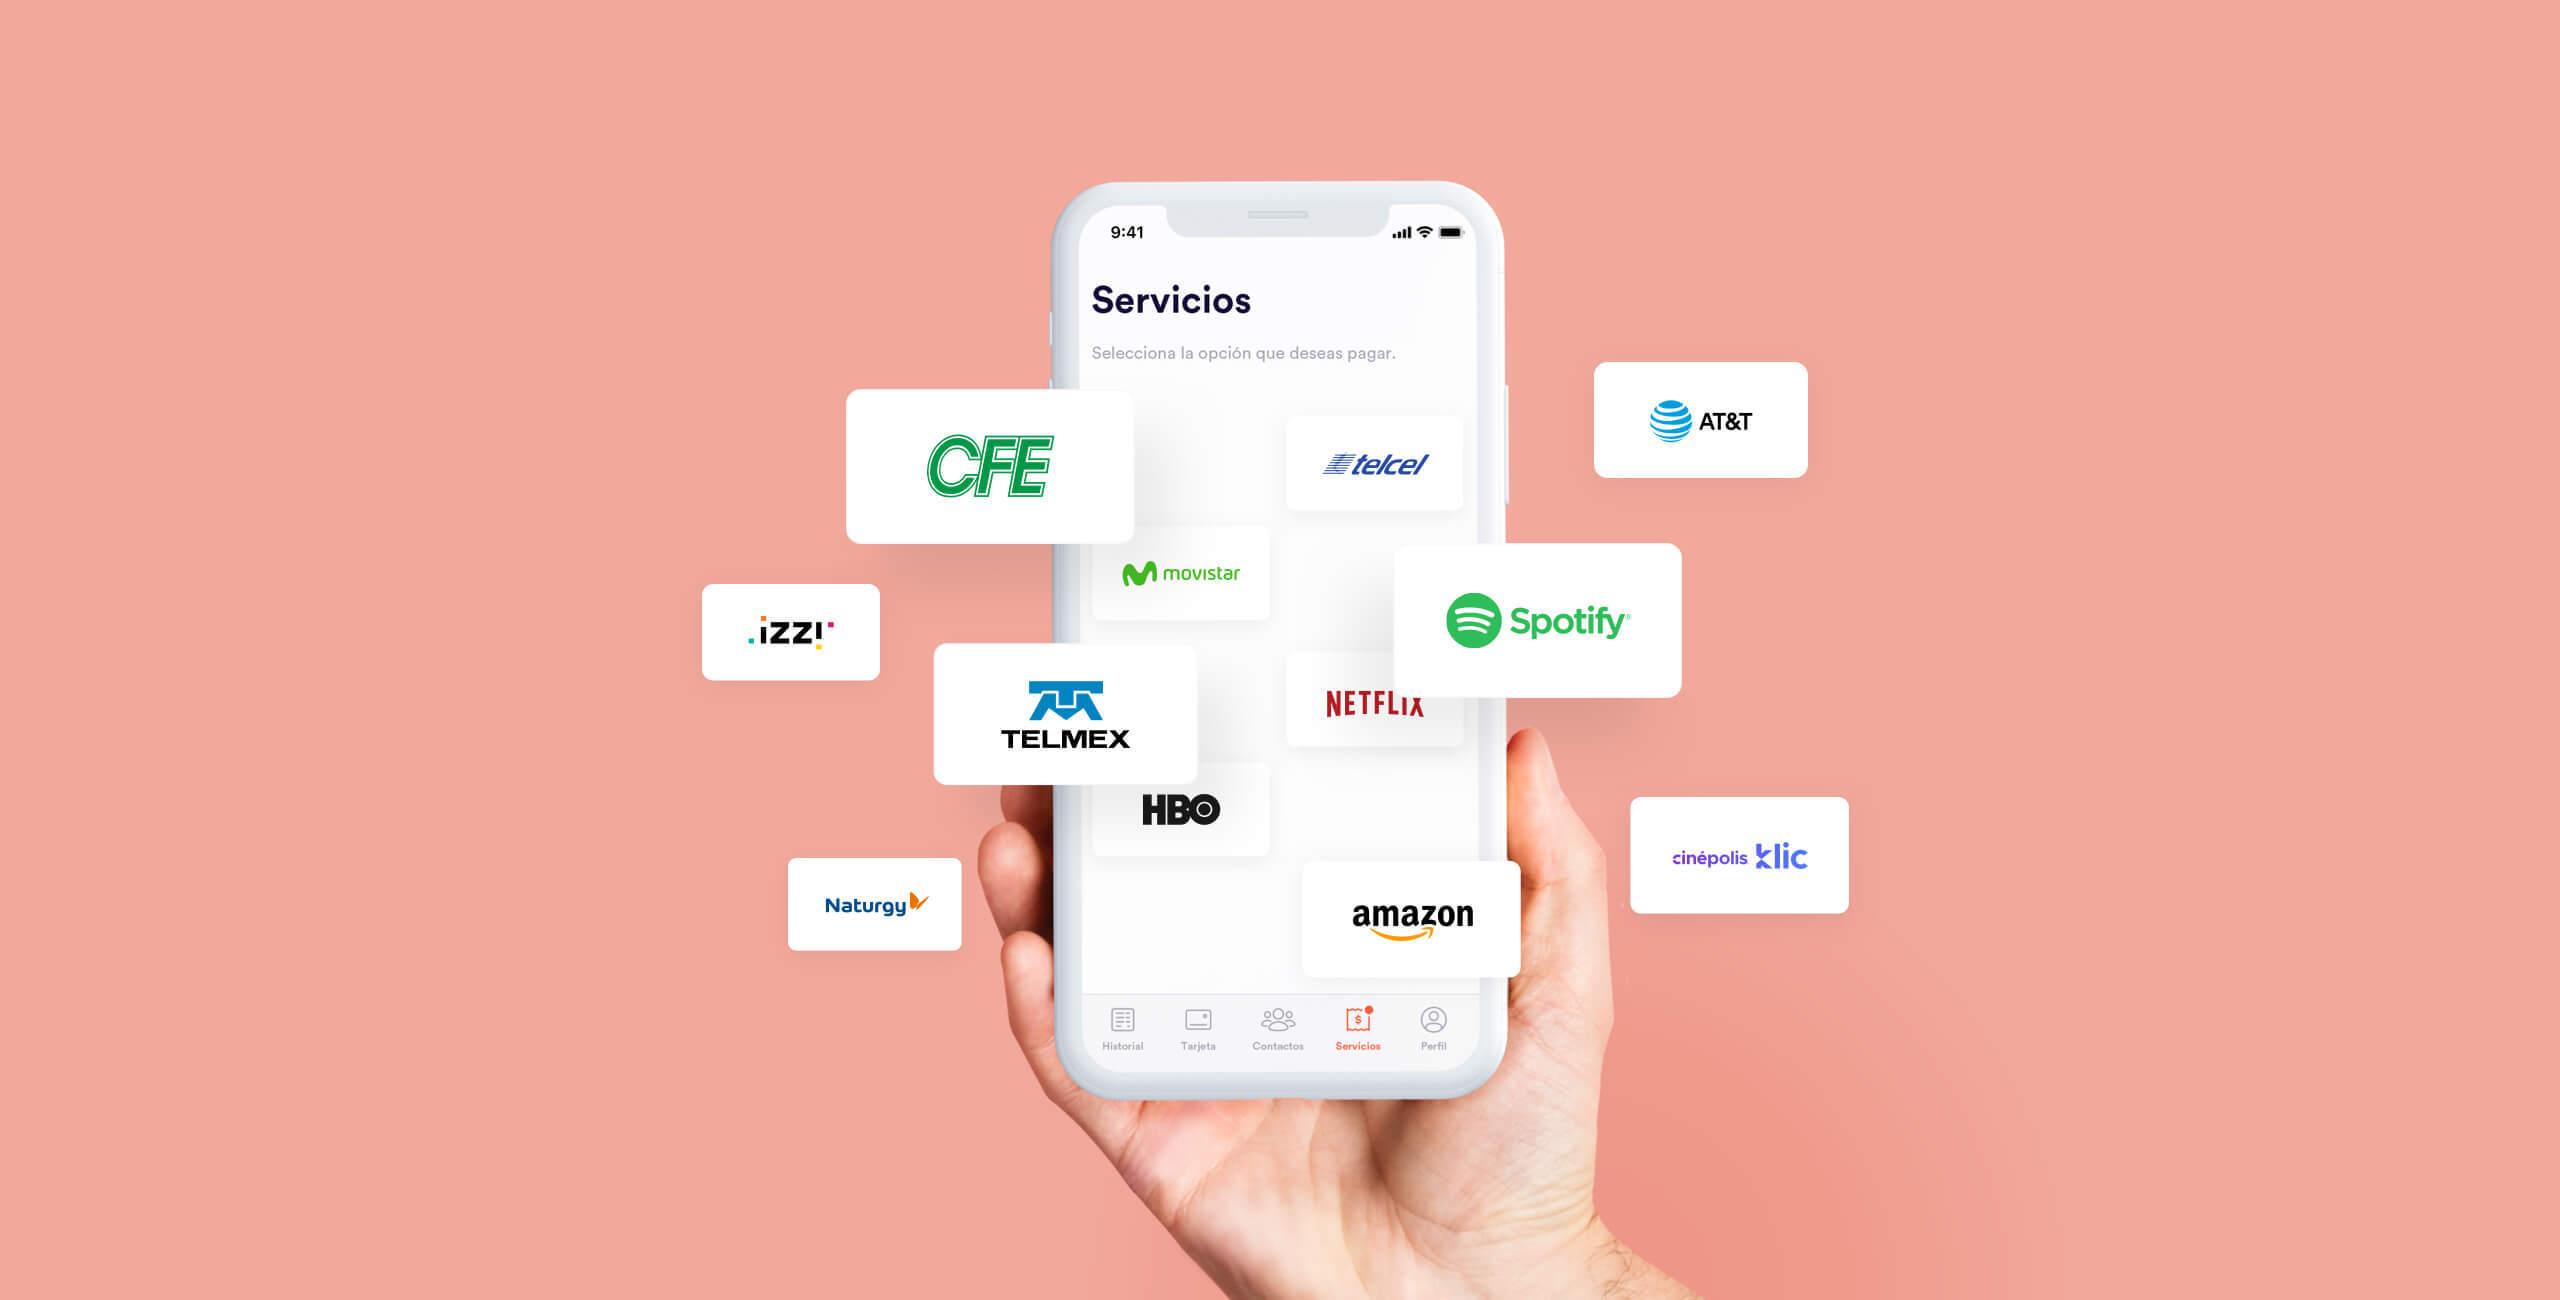 servicios-header (5)